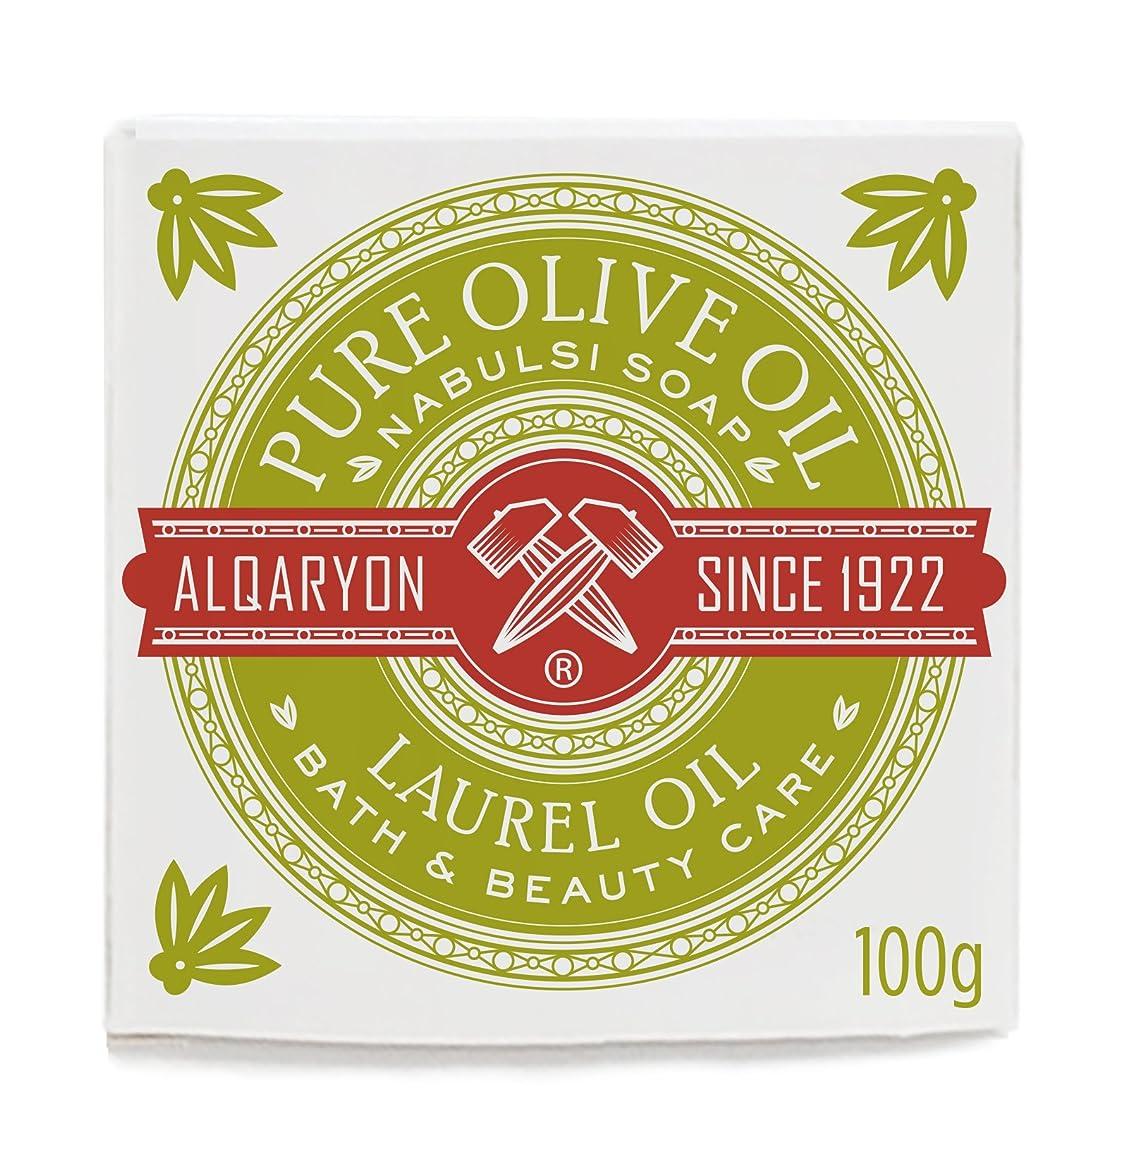 温かい米国関係ないAlqaryon Laurel Oil & Olive Oil Bar Soap Pack of 4 - AlqaryonのローレルオイルI&オリーブオイル ソープ、バス & ビューティー ケア、100gの石鹸4個のパック